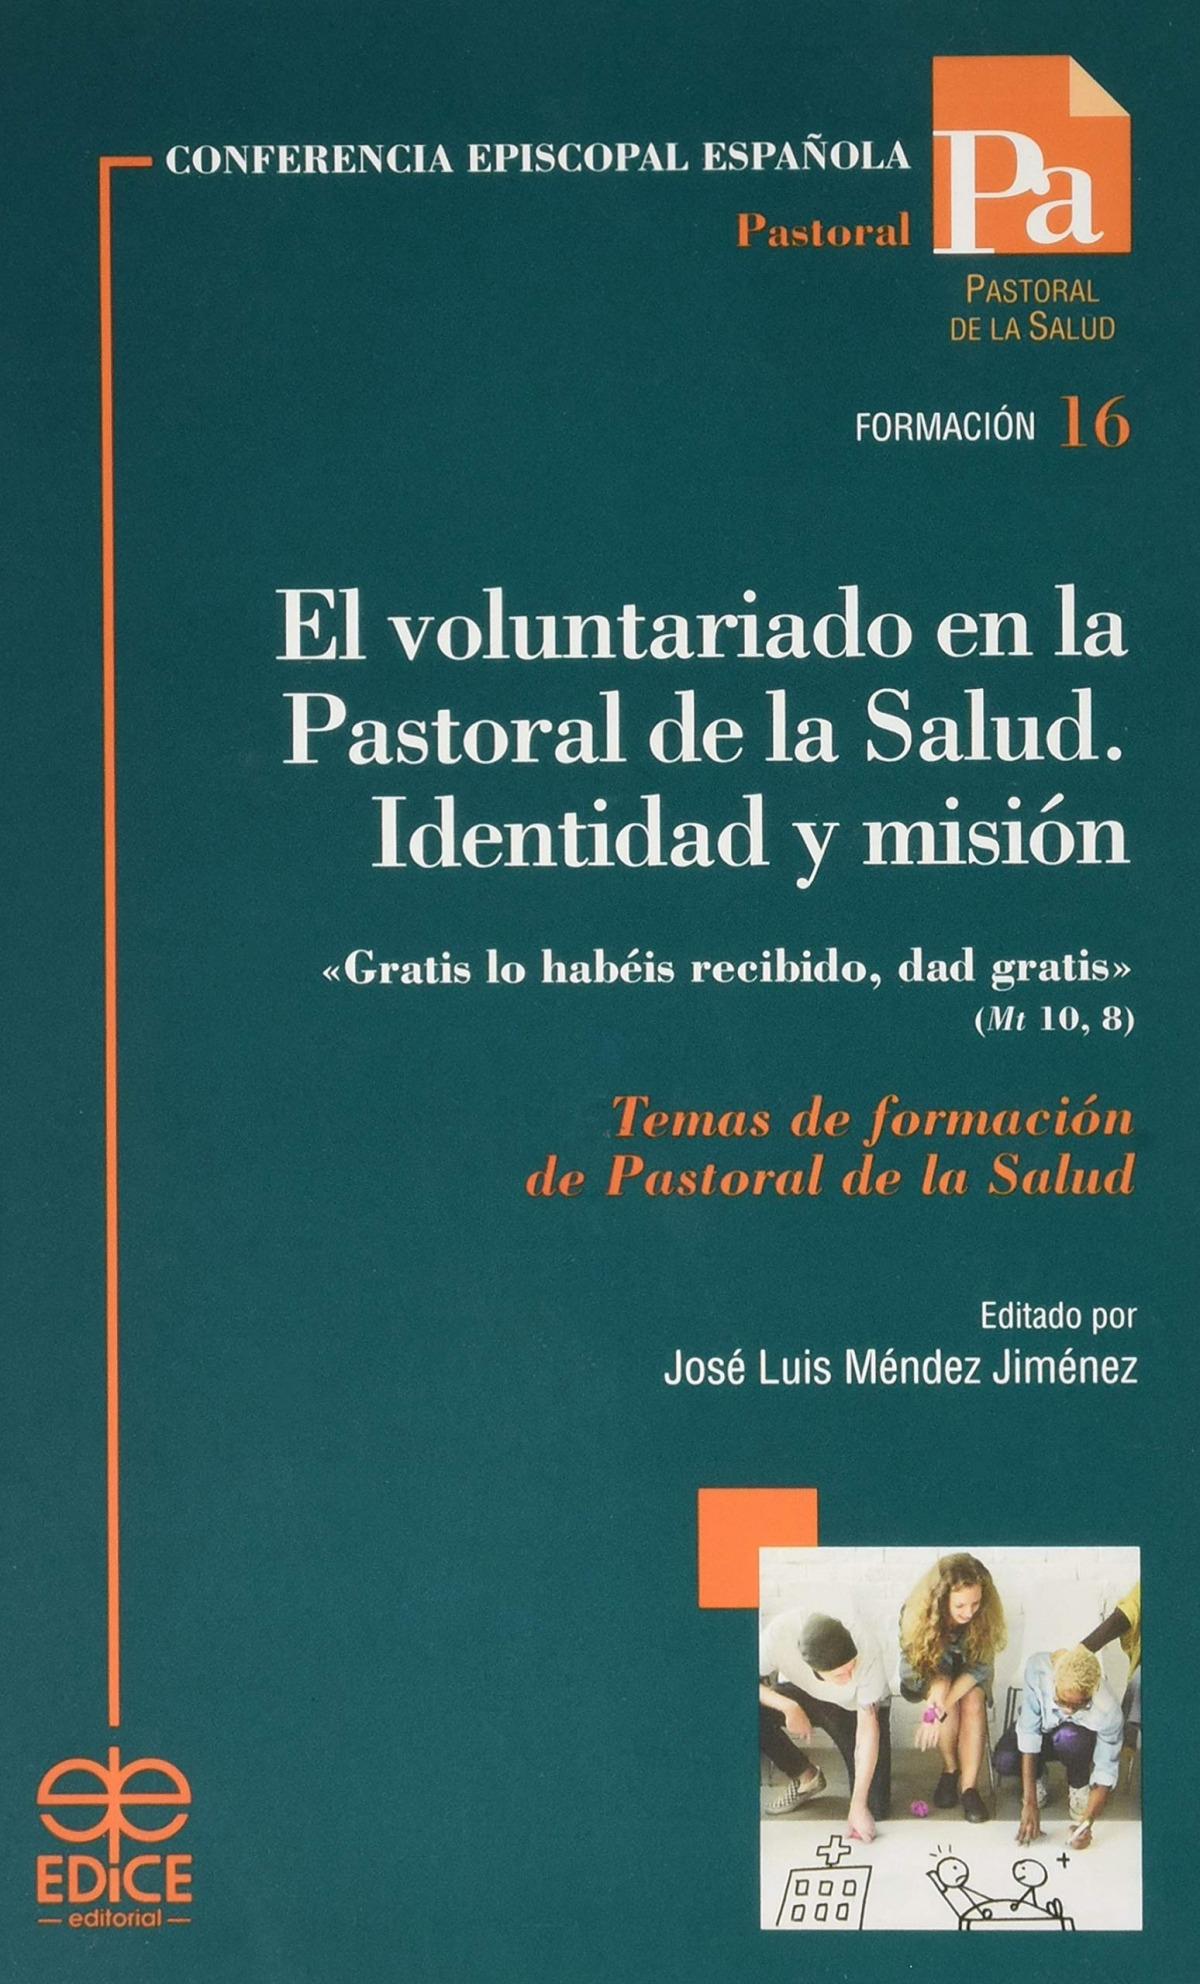 El voluntariado en la Pastoral de la Salud. Identidad y misión